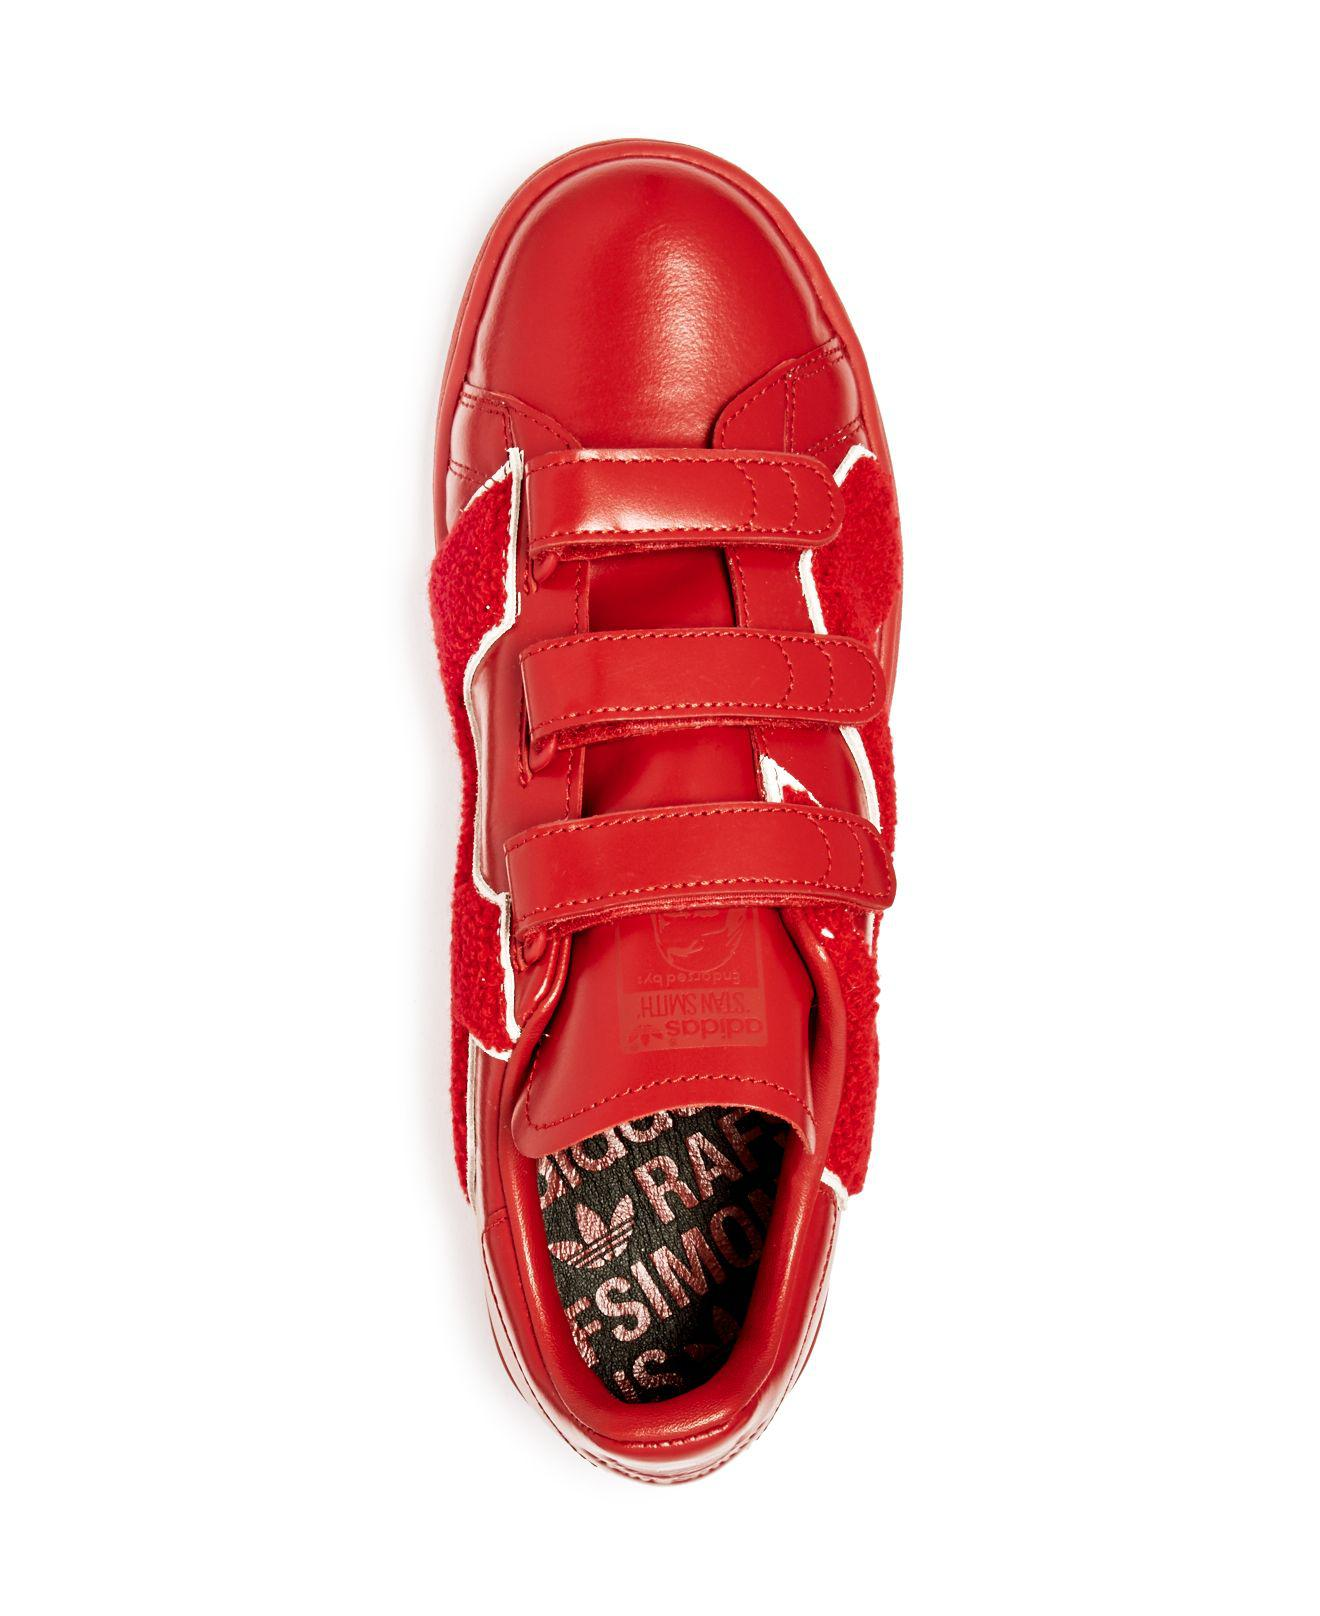 Adidas Da Raf Simons Conforto Distintivo Scarpe In Rosso Per Gli Uomini Lyst